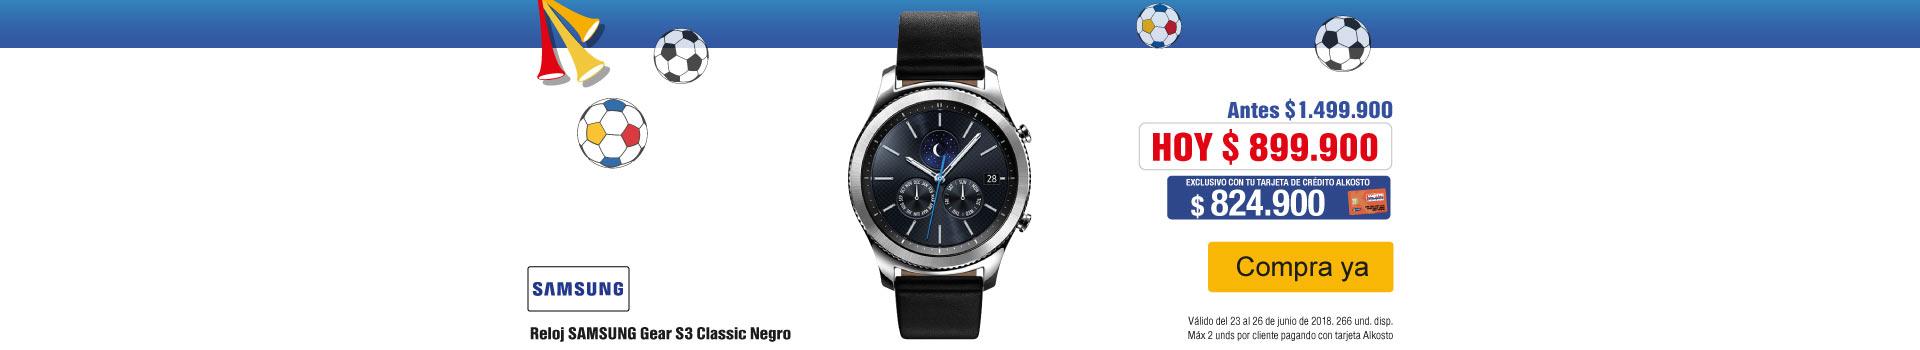 AK-KT-BCAT-1-accesorios-PP---Samsung-classic-Jun23